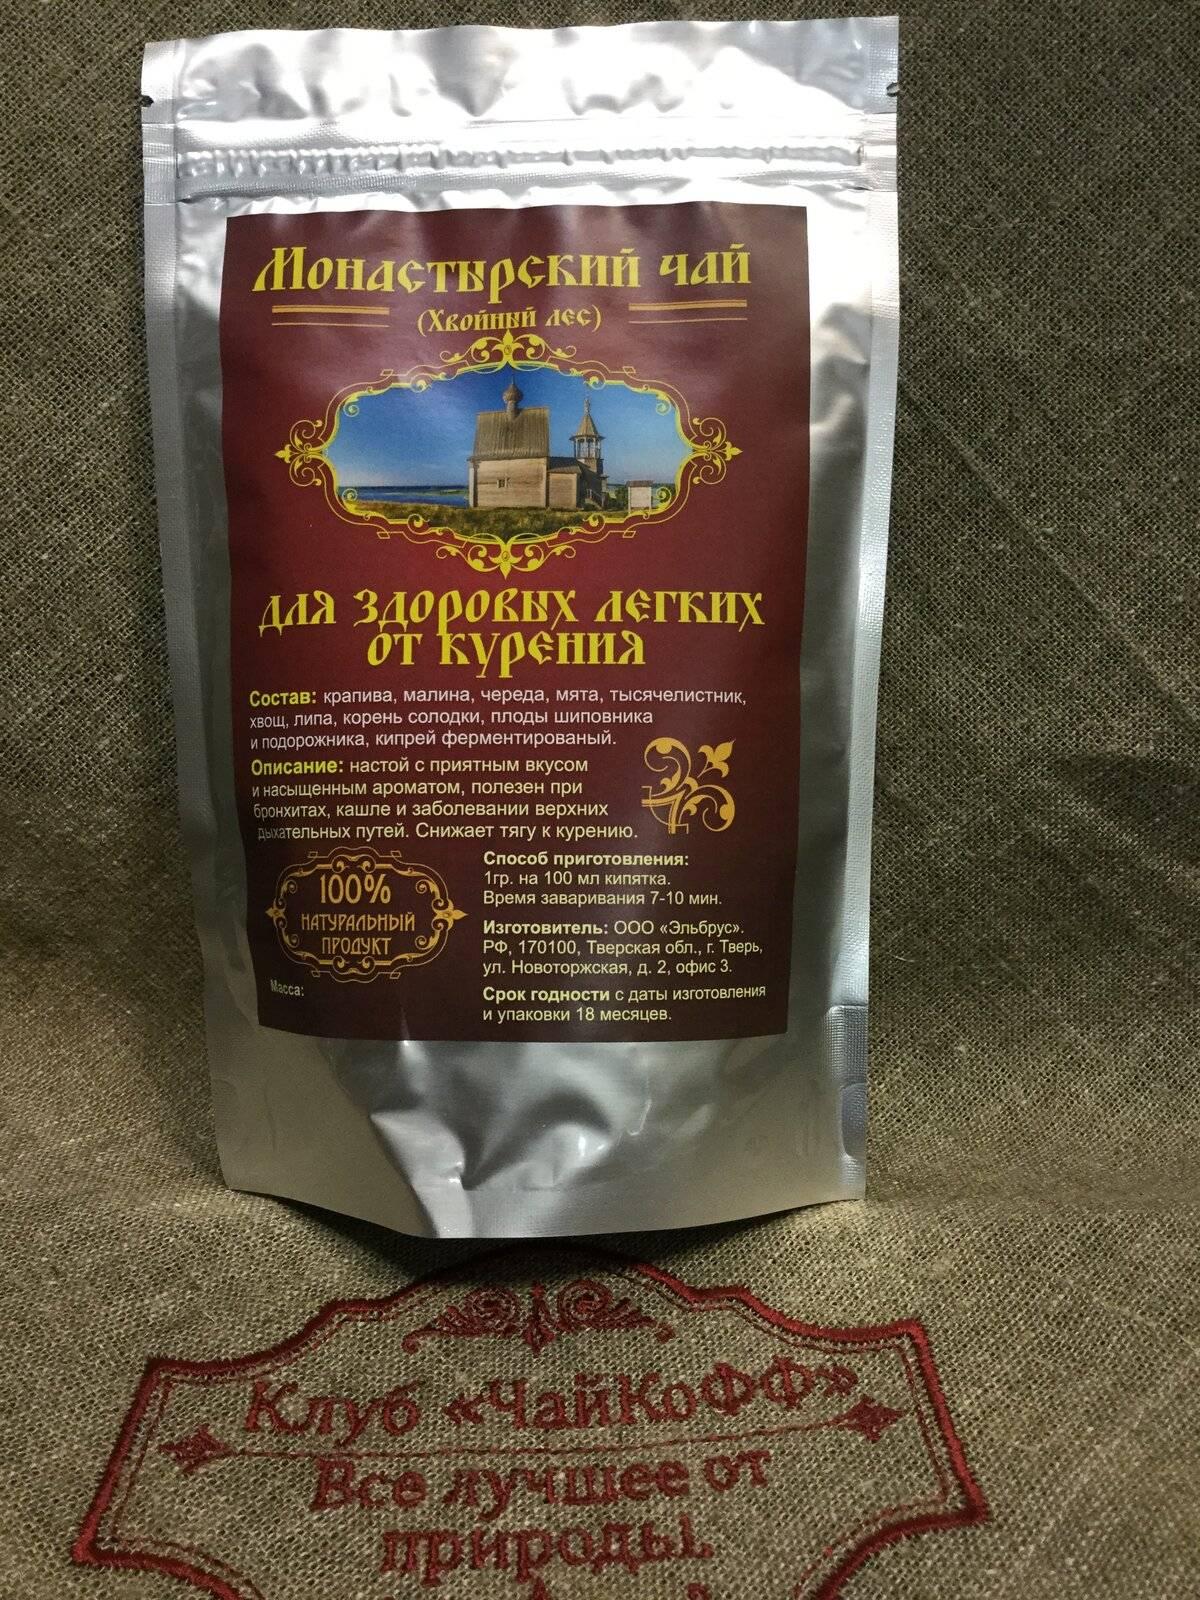 Монастырский сбор при алкоголизме: способ приготовления лечебного зелья | medeponim.ru